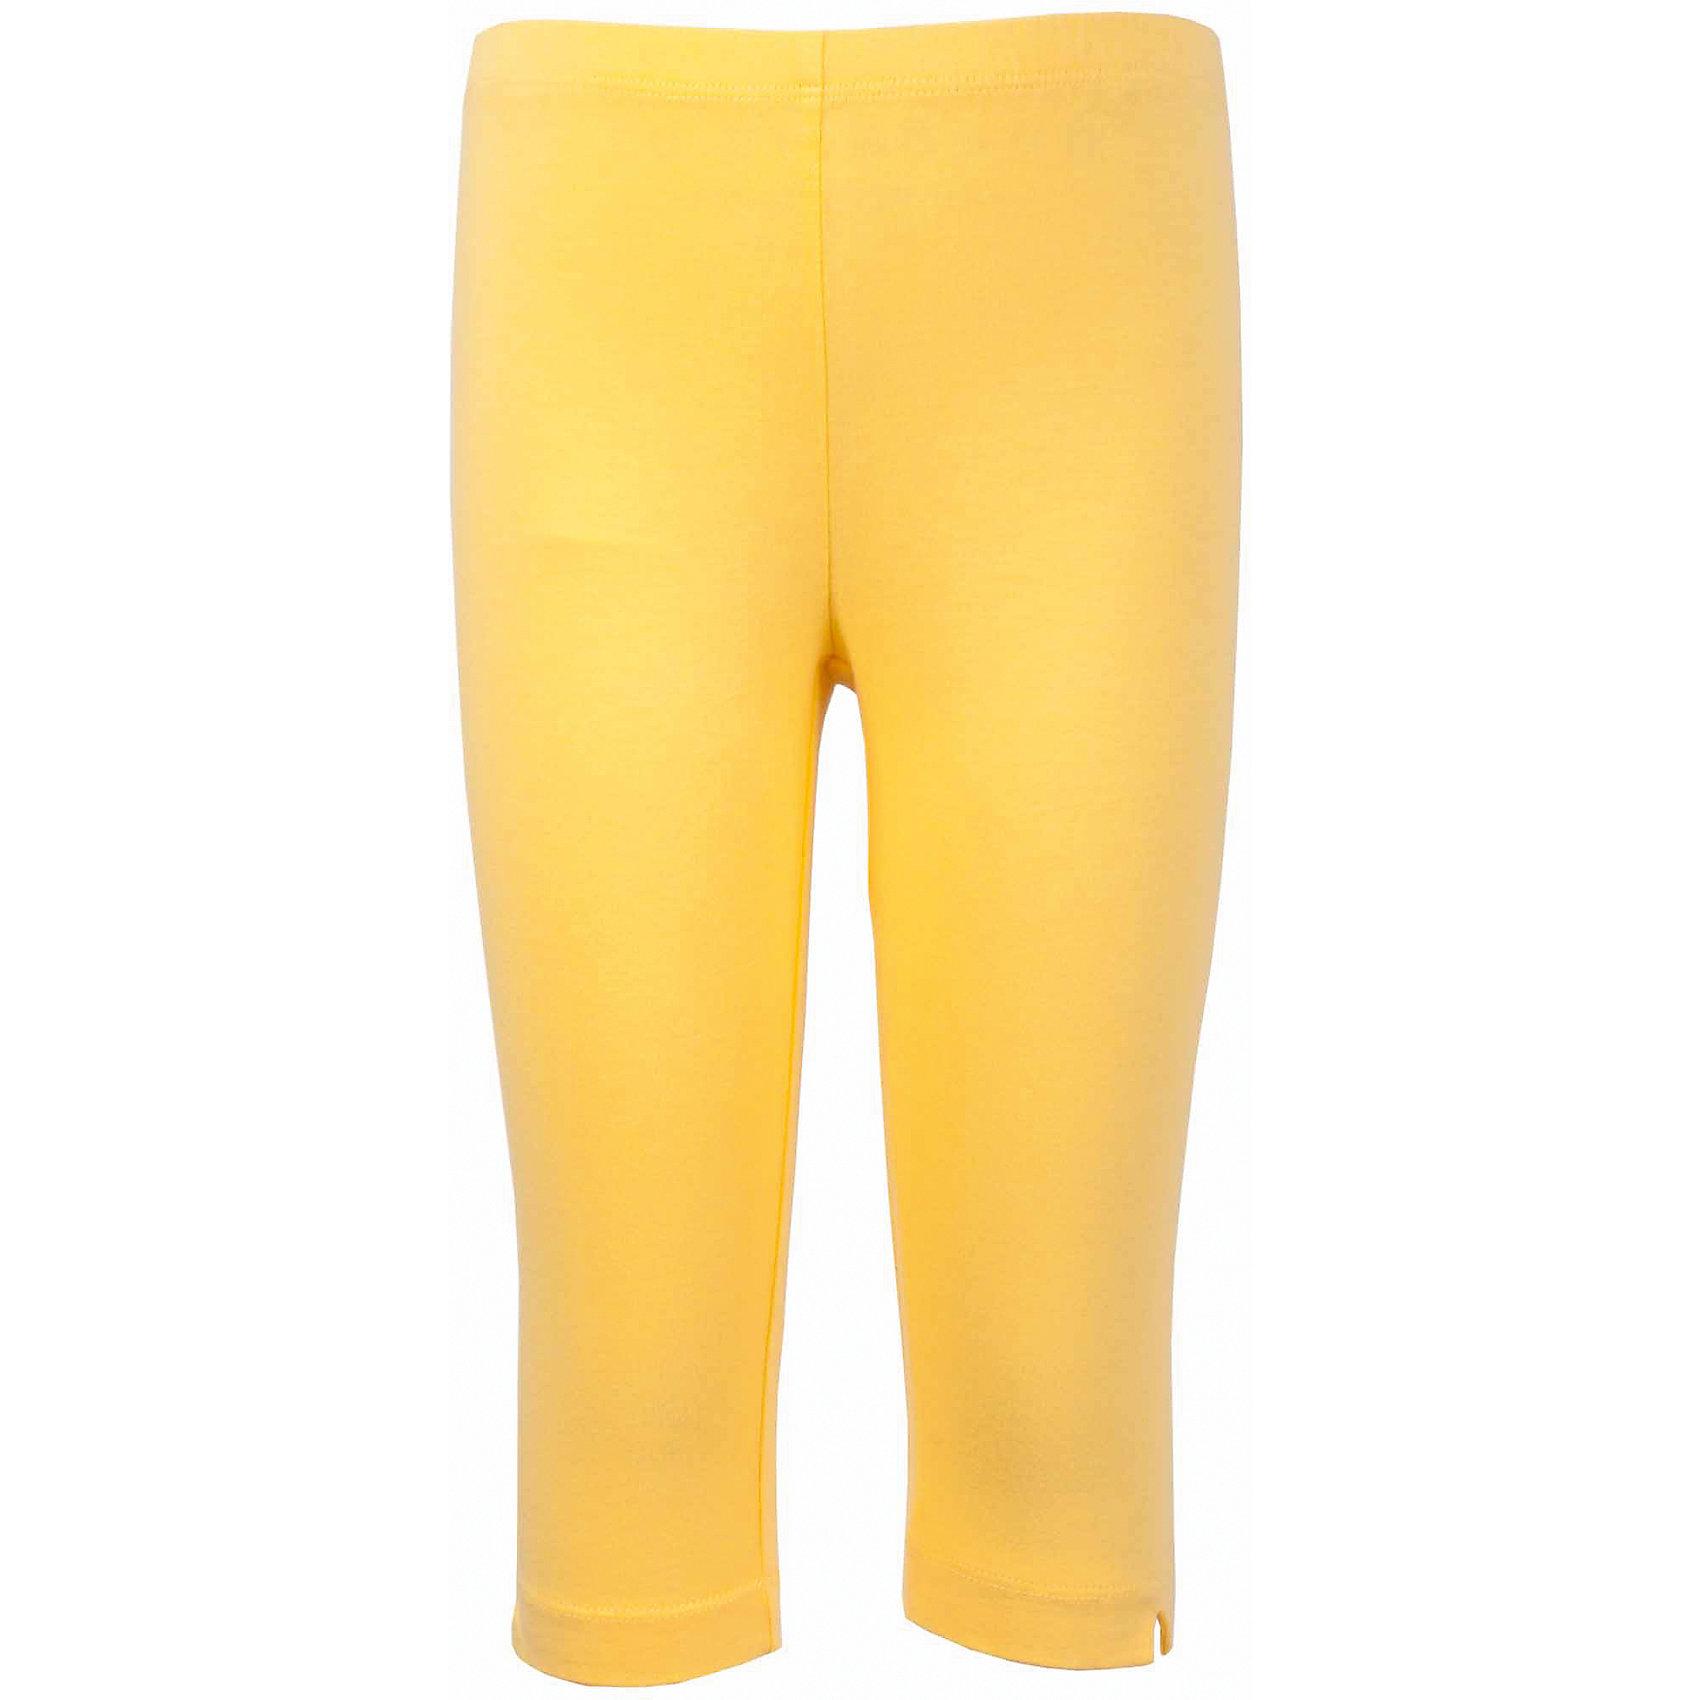 Леггинсы для девочки GulliverЛеггинсы<br>Характеристики товара:<br><br>• цвет: желтый<br>• материал: 95% хлопок 5% эластан<br>• укороченные<br>• мягкая резинка в поясе<br>• сезон: лето<br>• страна бренда: Российская Федерация<br>• страна производства: Китай<br><br>Яркие лосины жёлтого цвета для девочки от бренда Гулливер. Леггинсы укороченные, длина чуть ниже колена.<br><br>Леггинсы для девочки от известного бренда Gulliver можно купить в нашем интернет-магазине.<br><br>Ширина мм: 123<br>Глубина мм: 10<br>Высота мм: 149<br>Вес г: 209<br>Цвет: желтый<br>Возраст от месяцев: 24<br>Возраст до месяцев: 36<br>Пол: Женский<br>Возраст: Детский<br>Размер: 104,110,116,98<br>SKU: 5483544